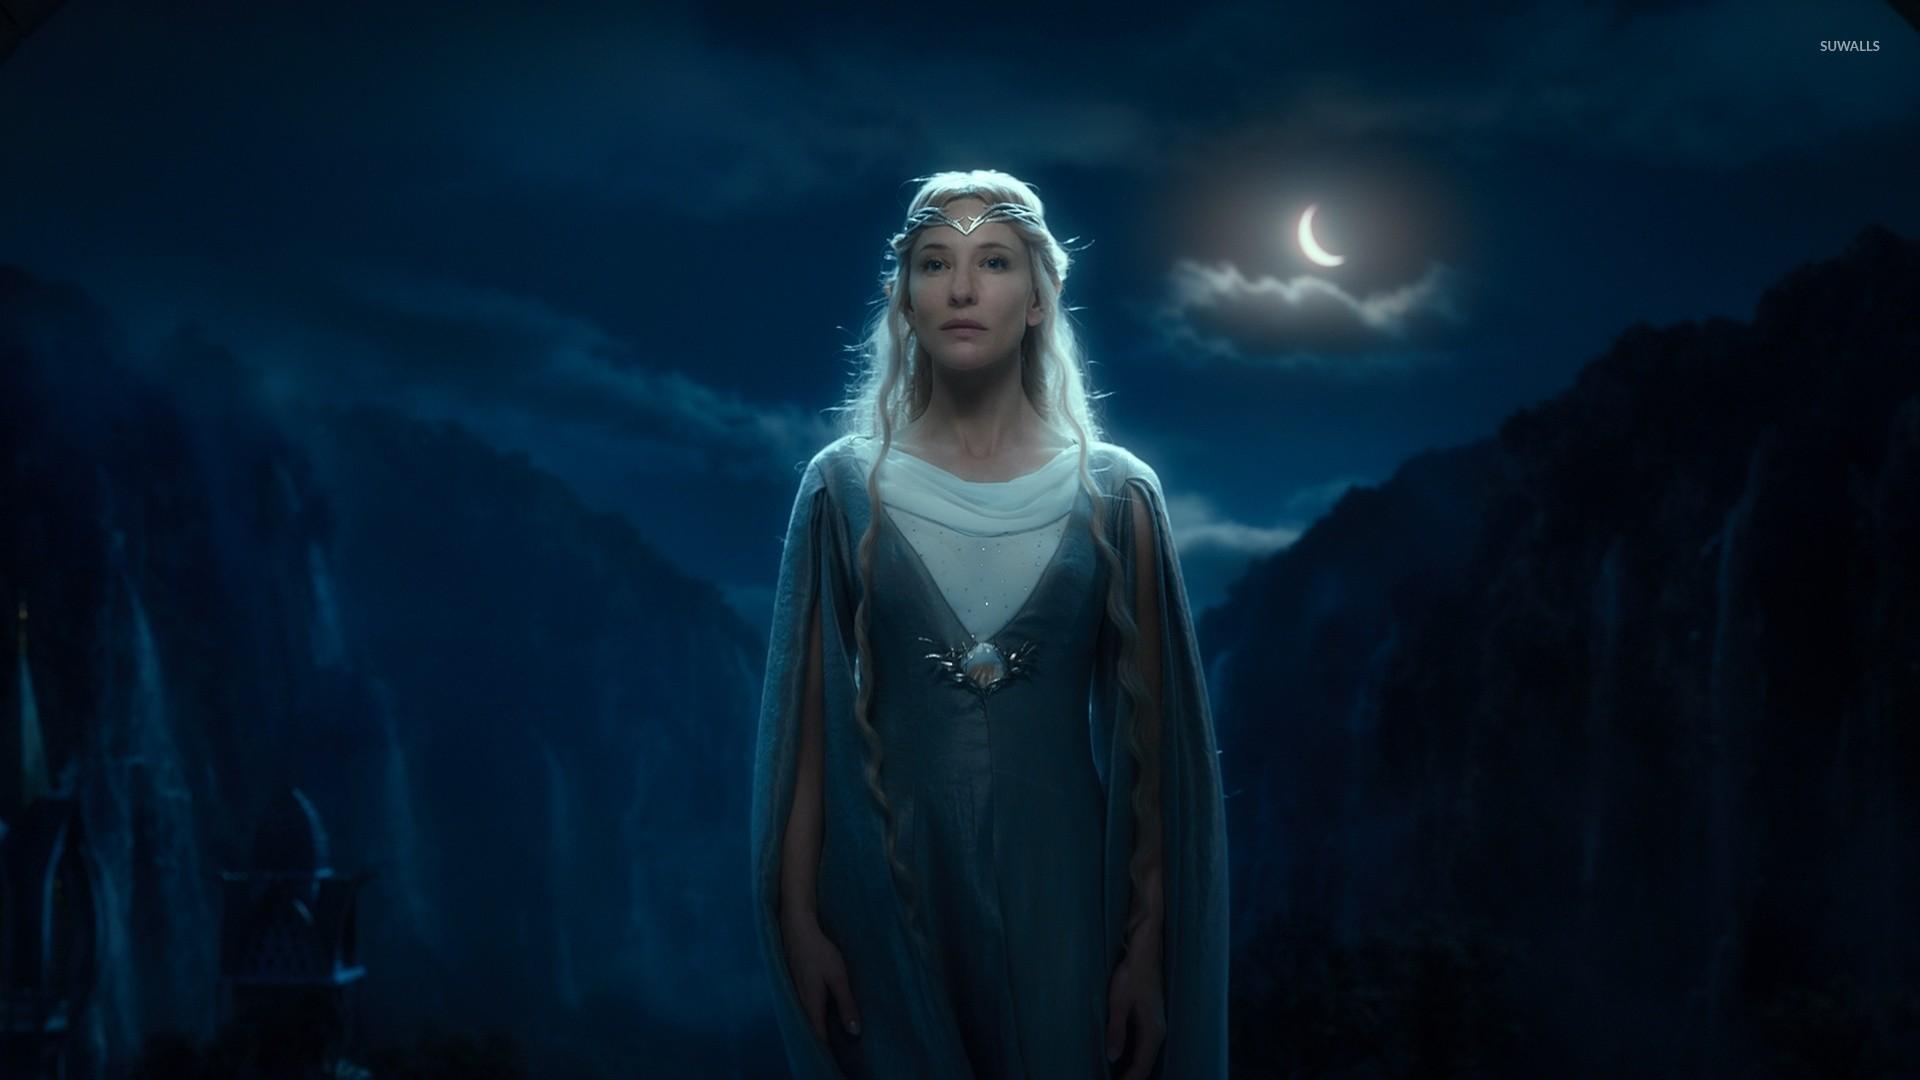 Galadriel in The Hobbit: An Unexpected Journey wallpaper jpg